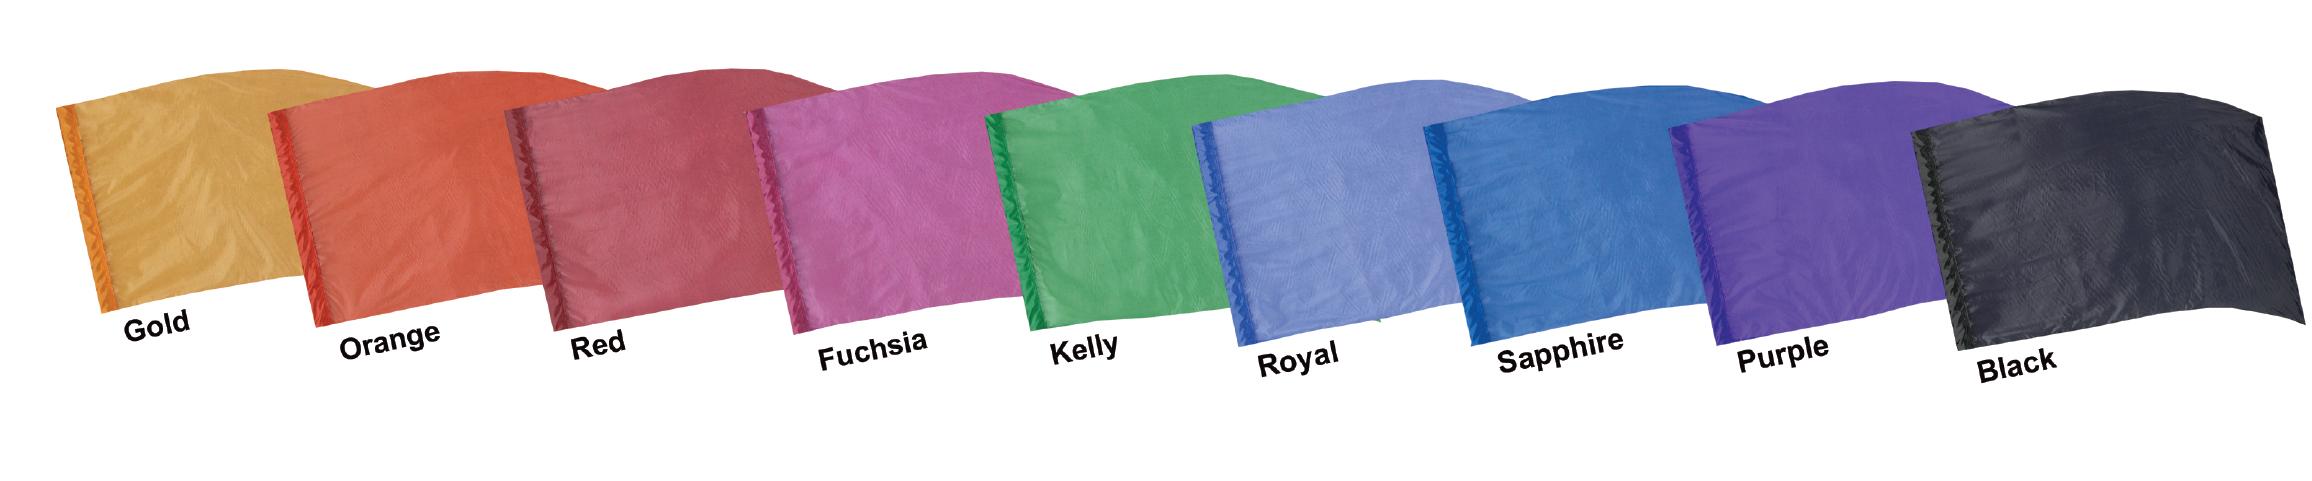 Crystal Clear Lamé Flags